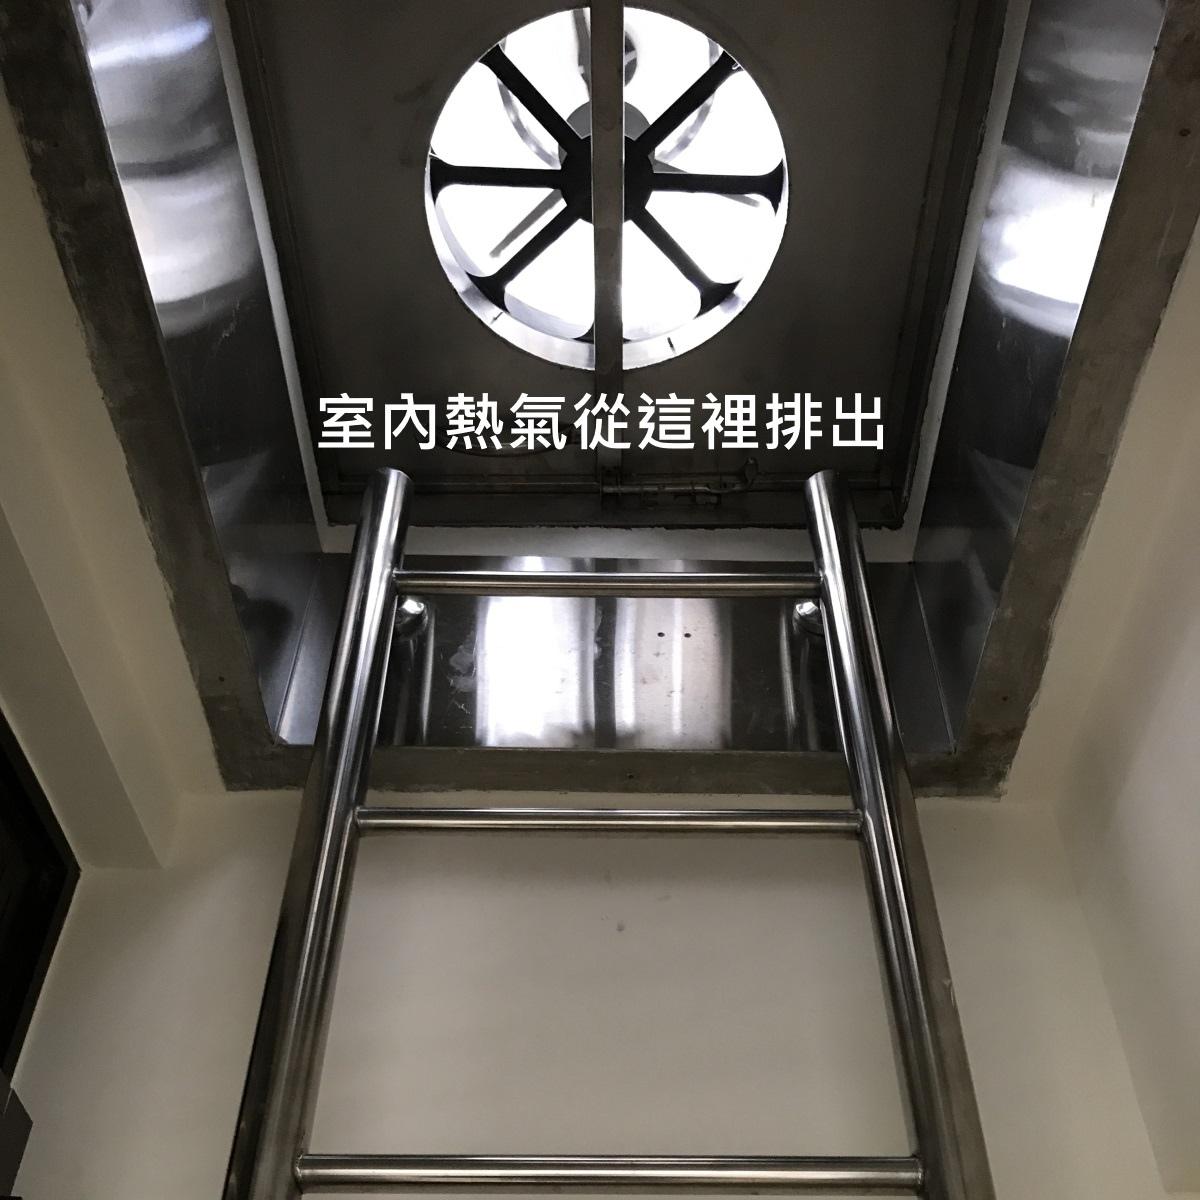 [專題報導]停電怎麼辦?深耕11有解-09.JPG